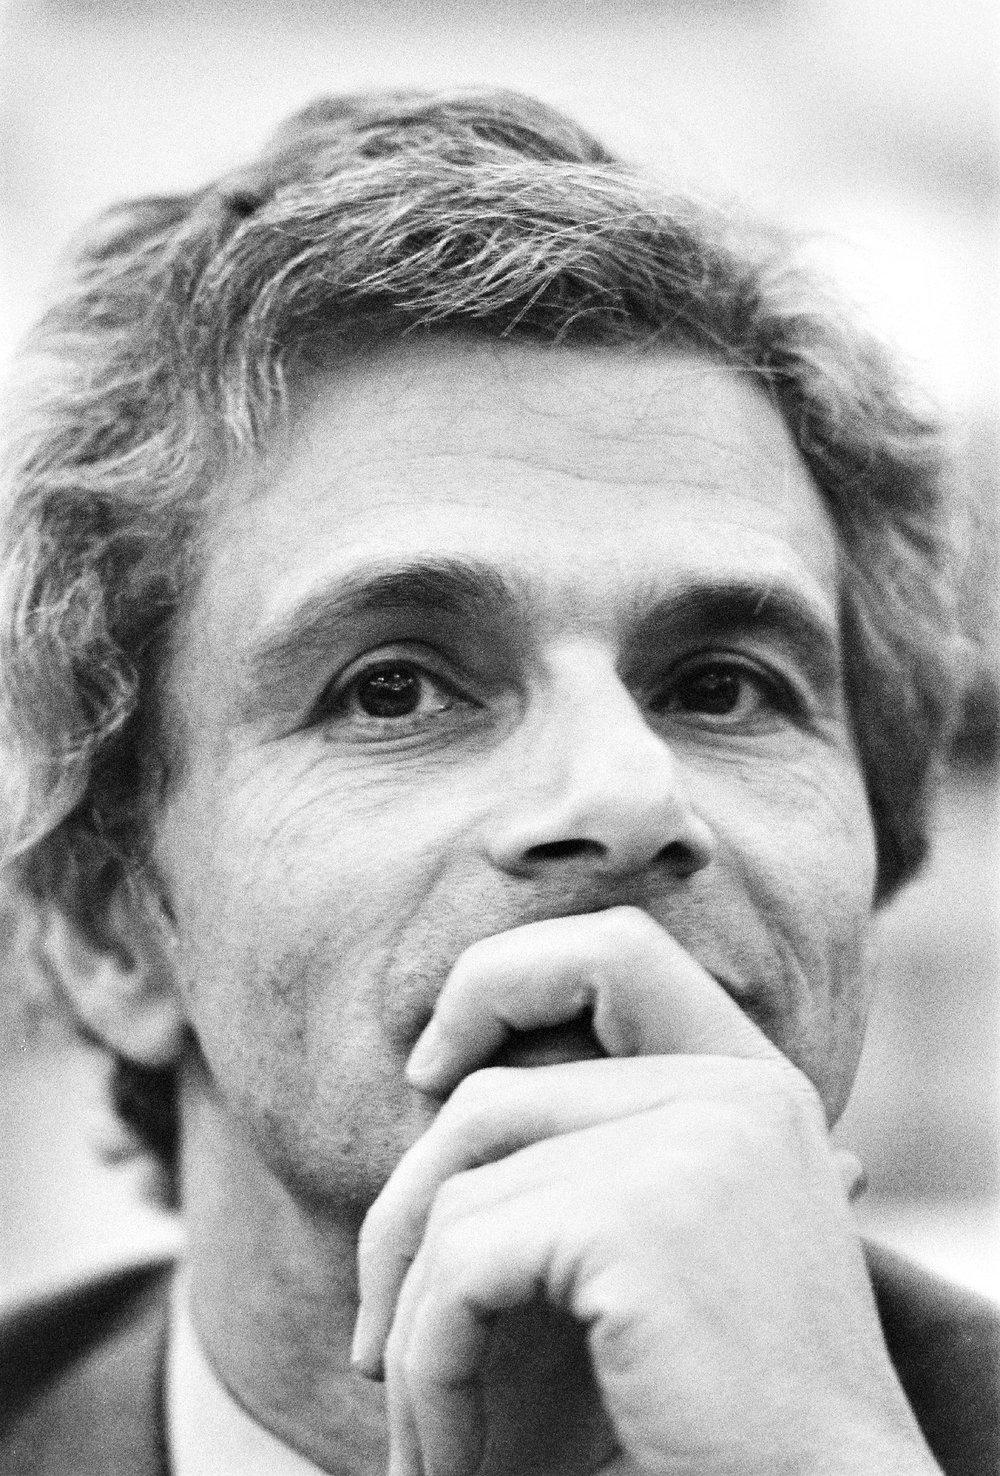 Denis Manuel acteur | 1934 - 1993 | Première rue à gauche | visiteur de prison | Photo sandrine cohen